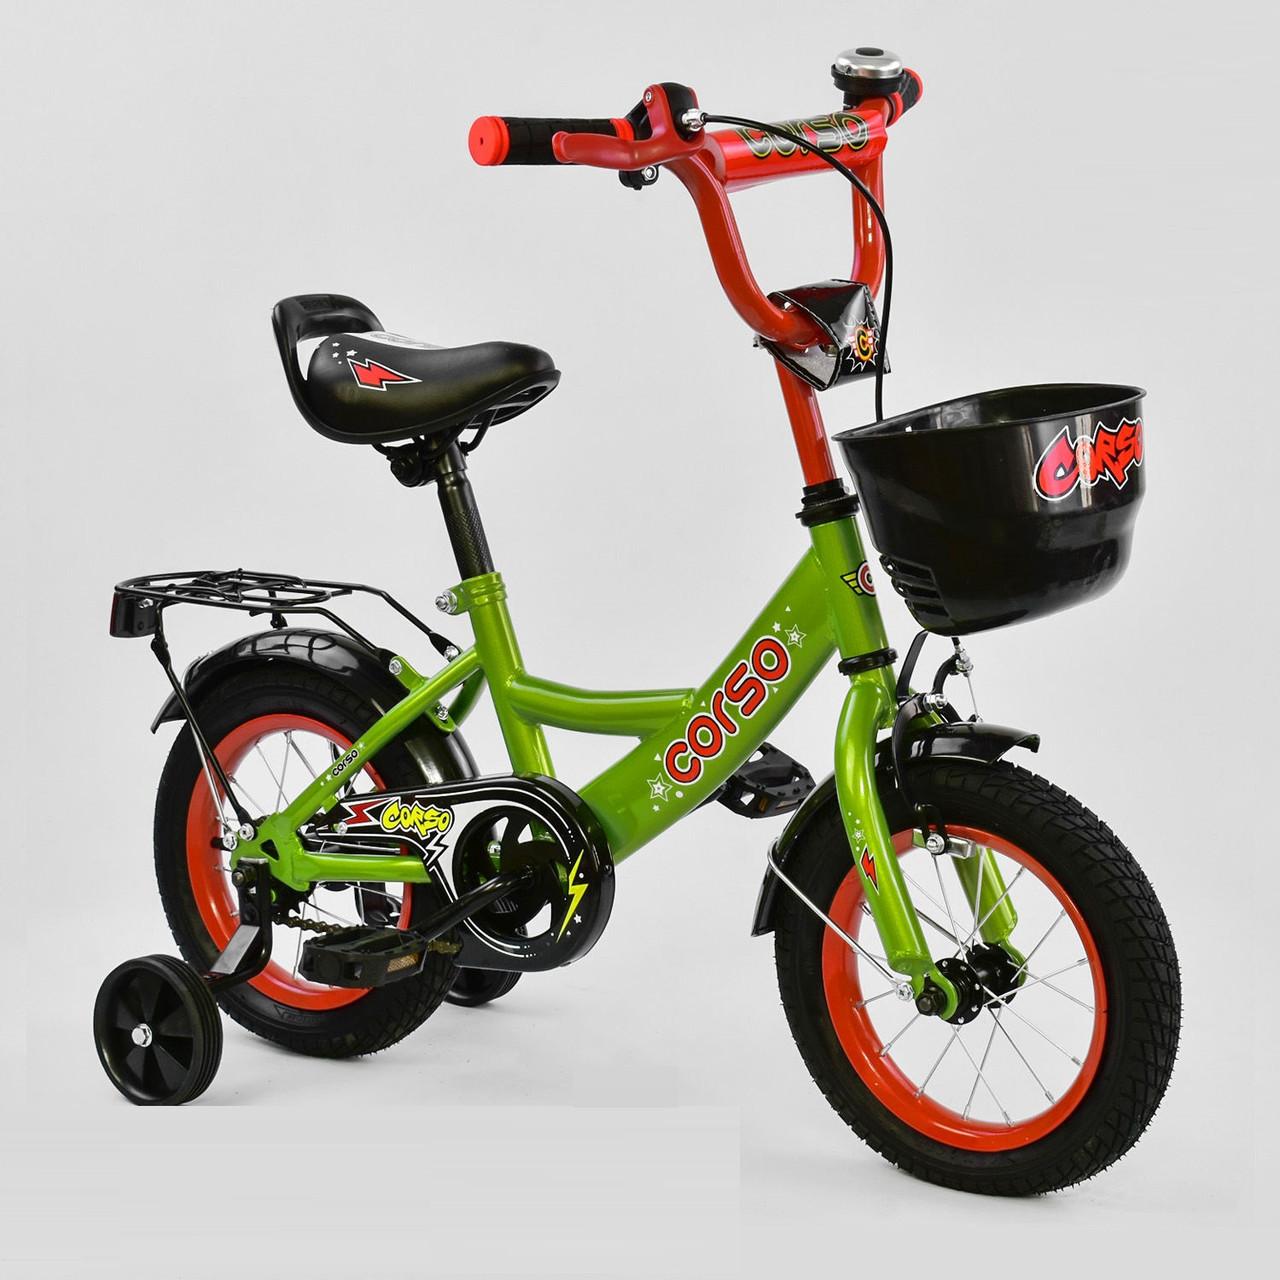 """Велосипед 12"""" дюймов 2-х колёсный G-12517 """"CORSO, ручной тормоз, звоночек, сидение с ручкой, дополнительные ко"""